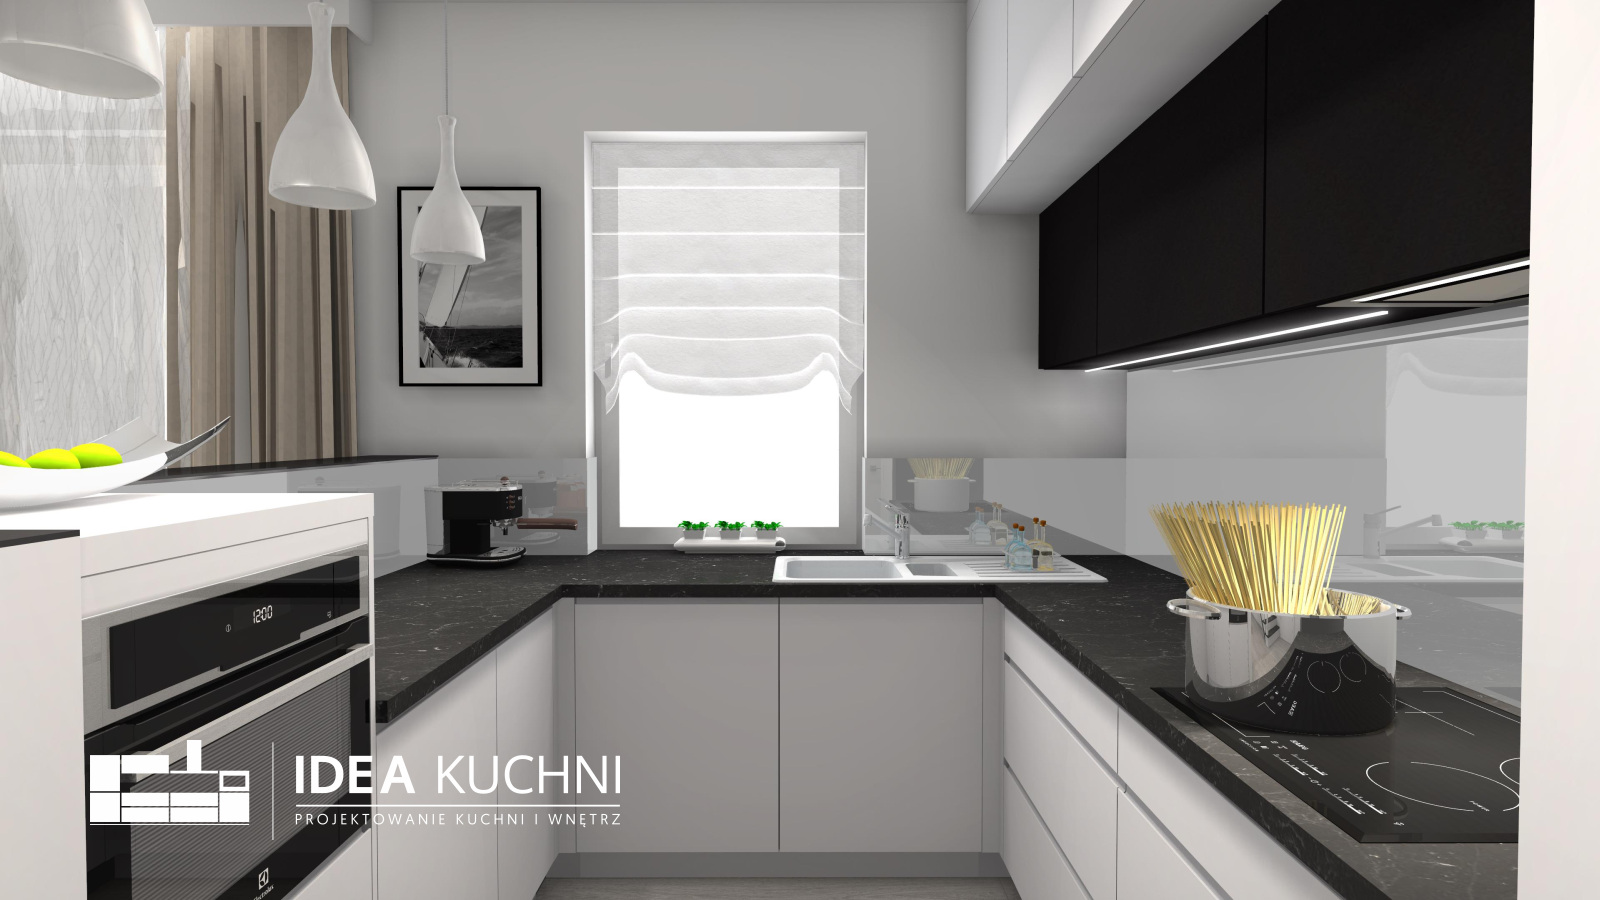 Kuchnia i Salon | Lipkow | Kuchnia Nowoczesna | Kuchnia Glamour | Kuchnia Półwysep | Kuchnia biała |